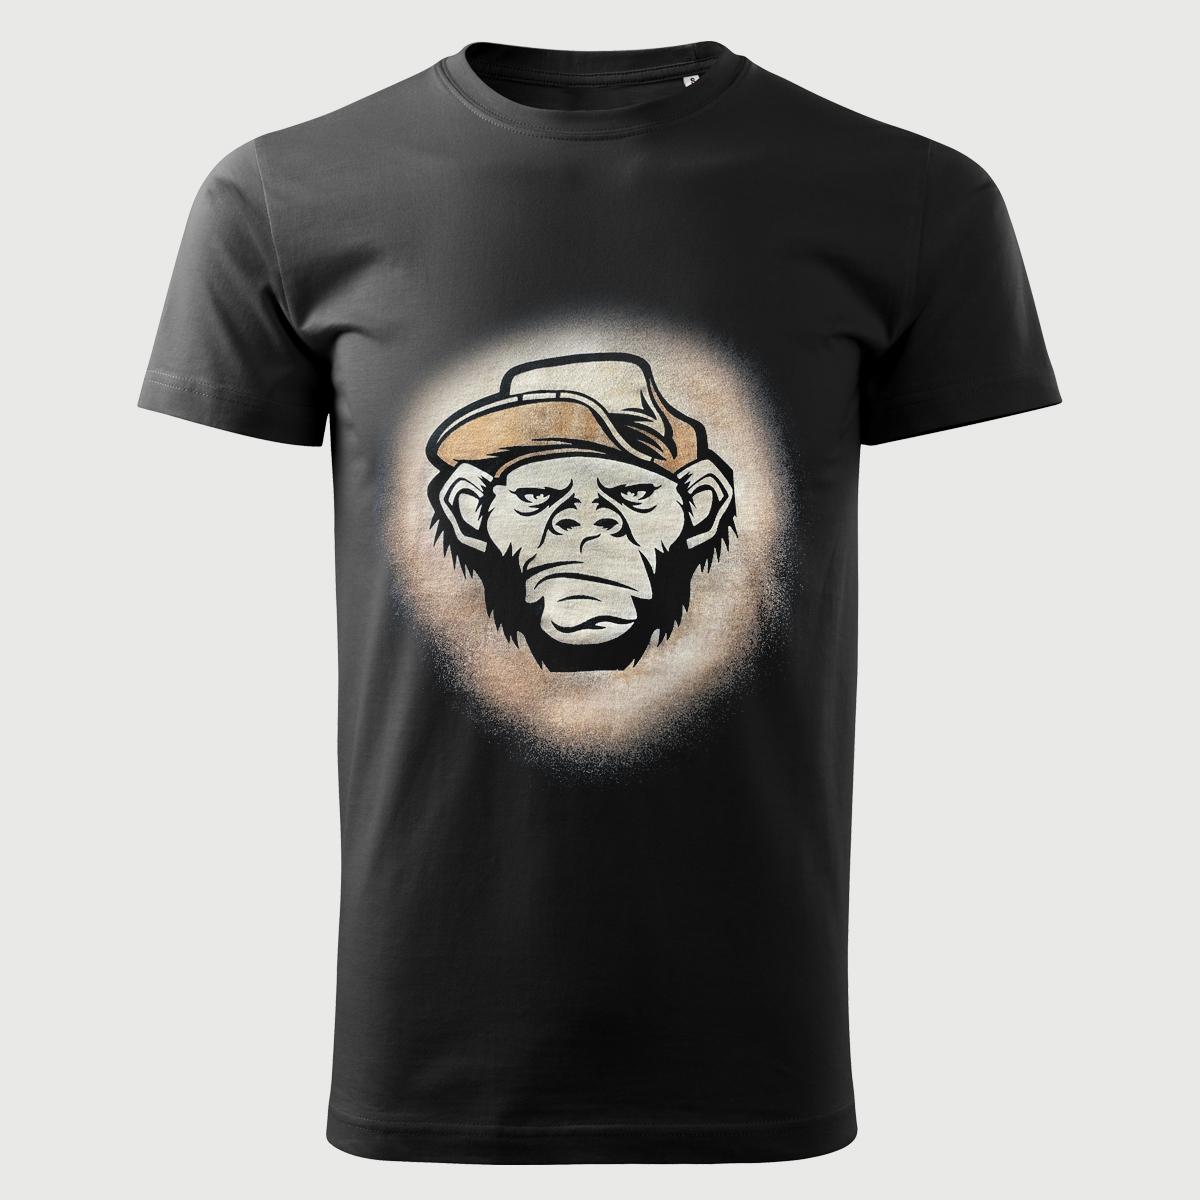 Angry Monkey Tricou Decolorat Cu Clor 2